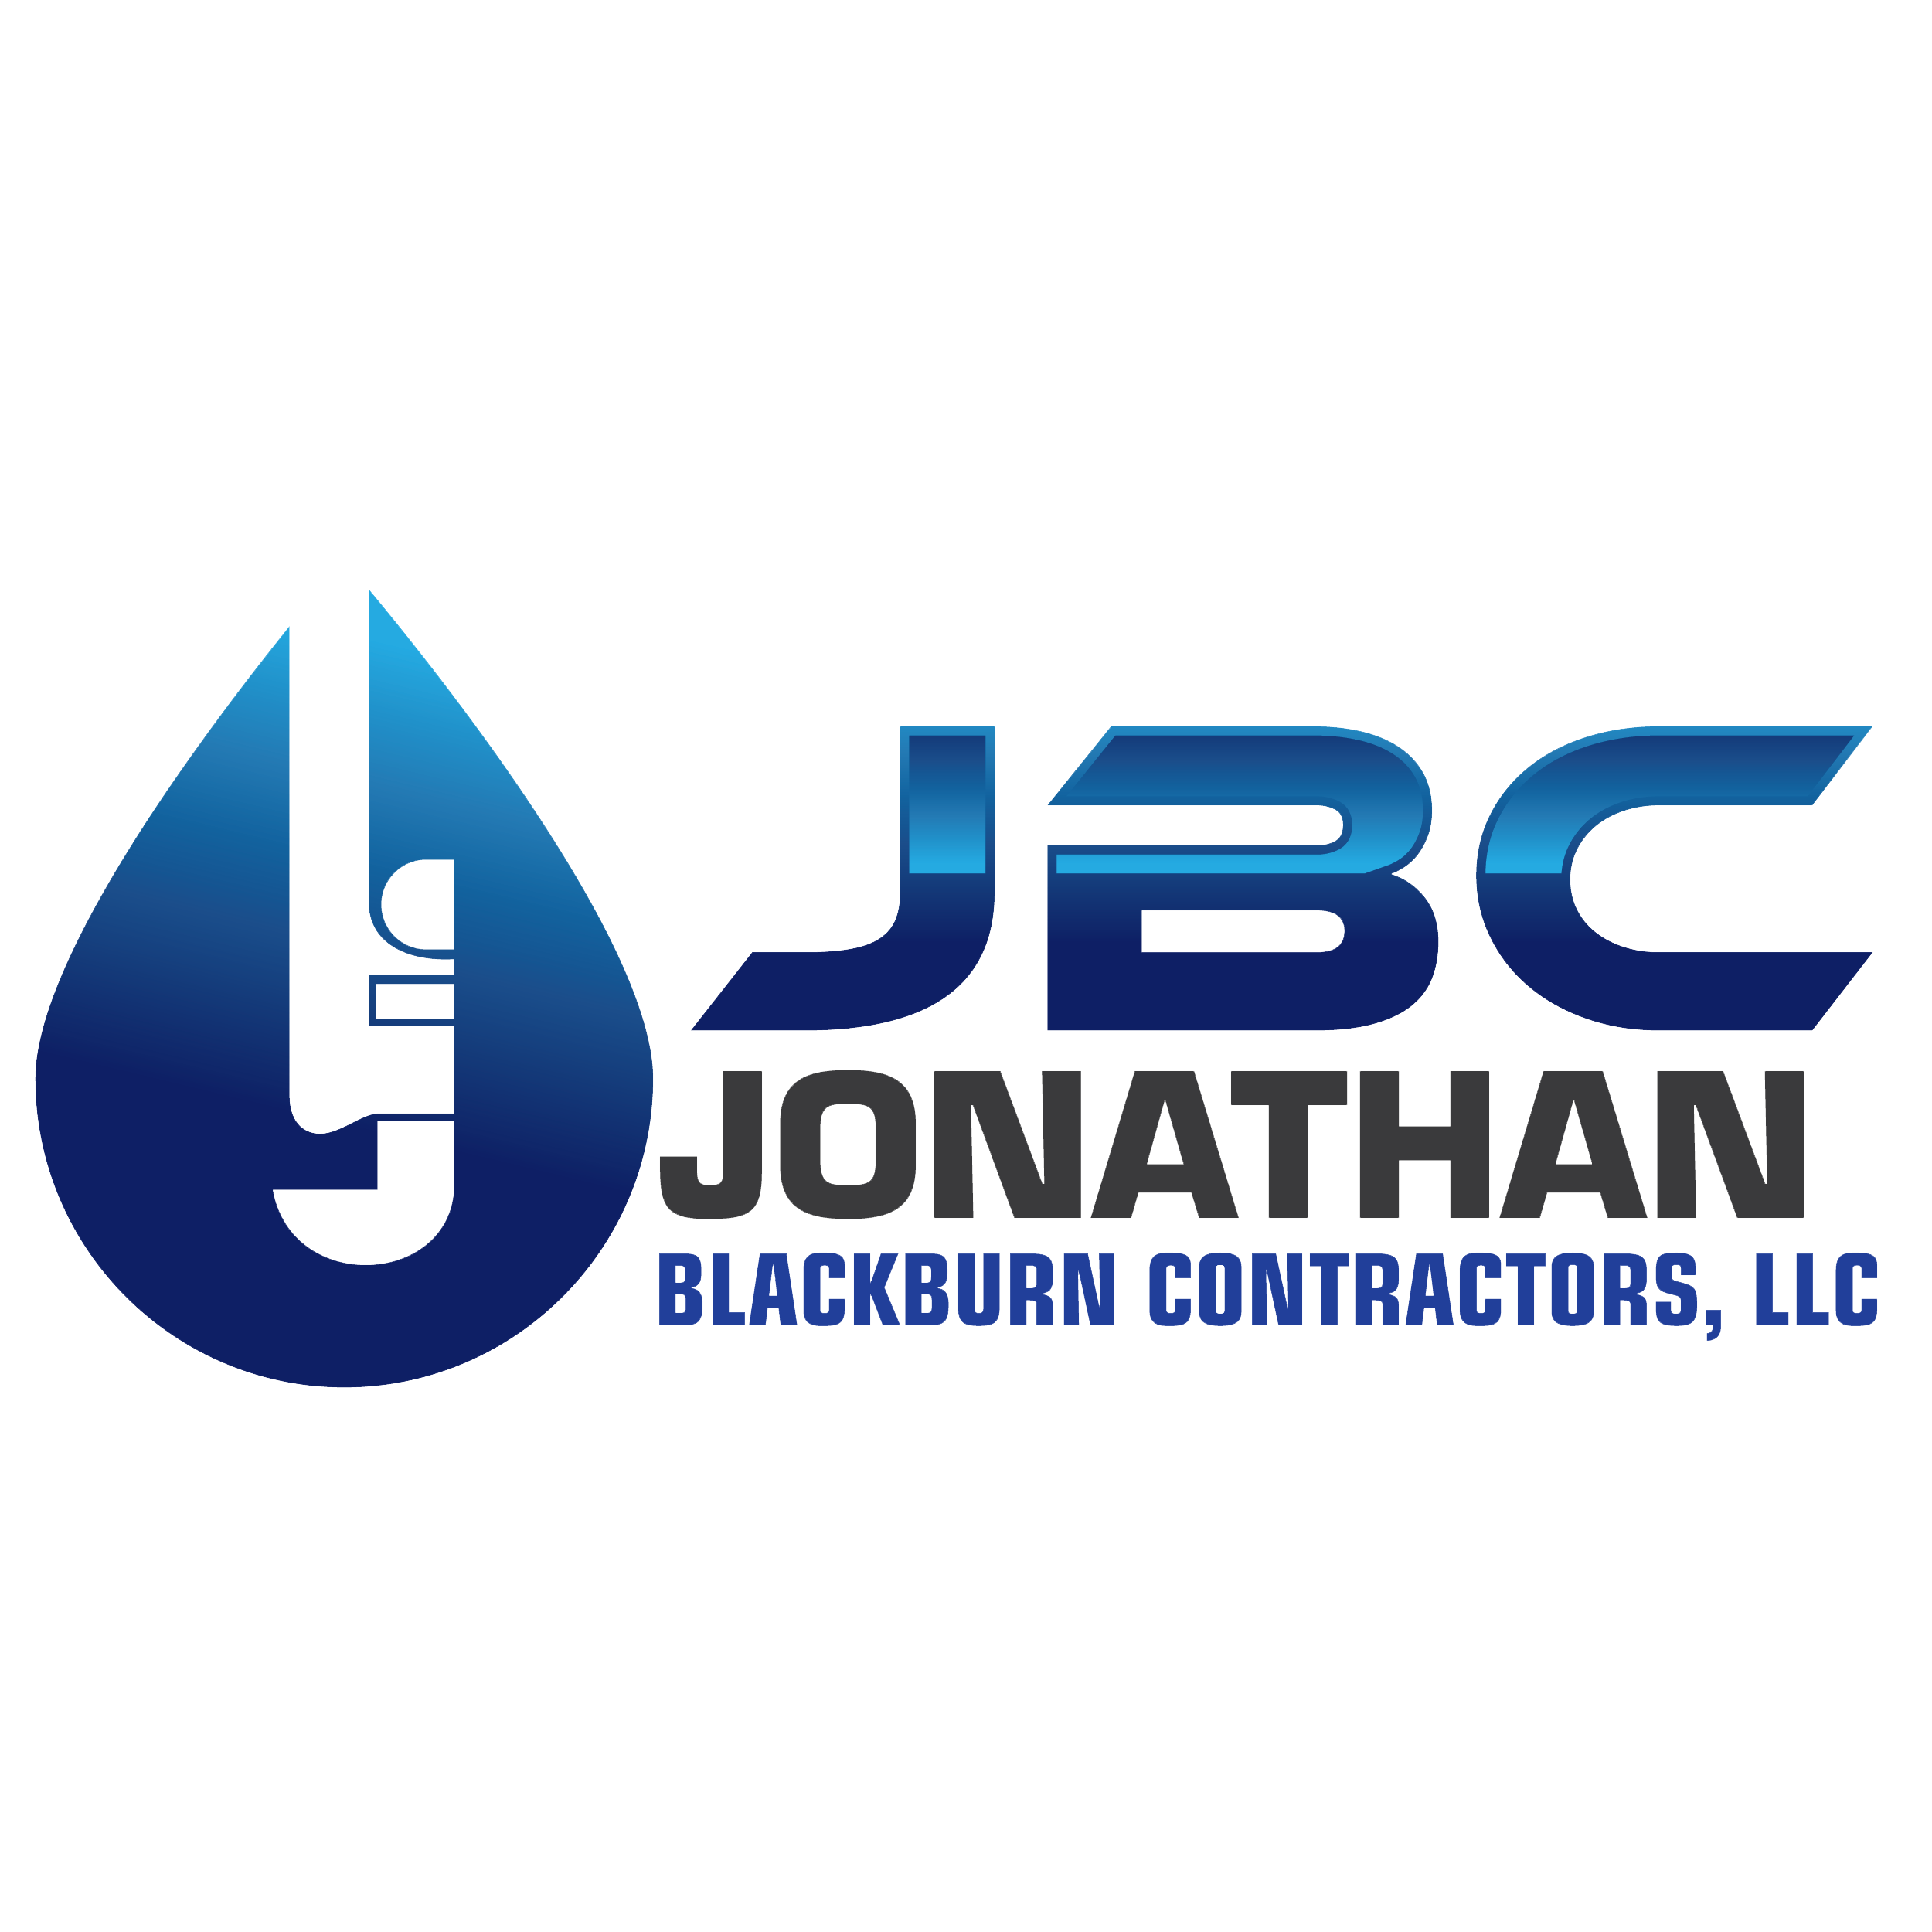 Jonathan Blackburn Contractors, LLC